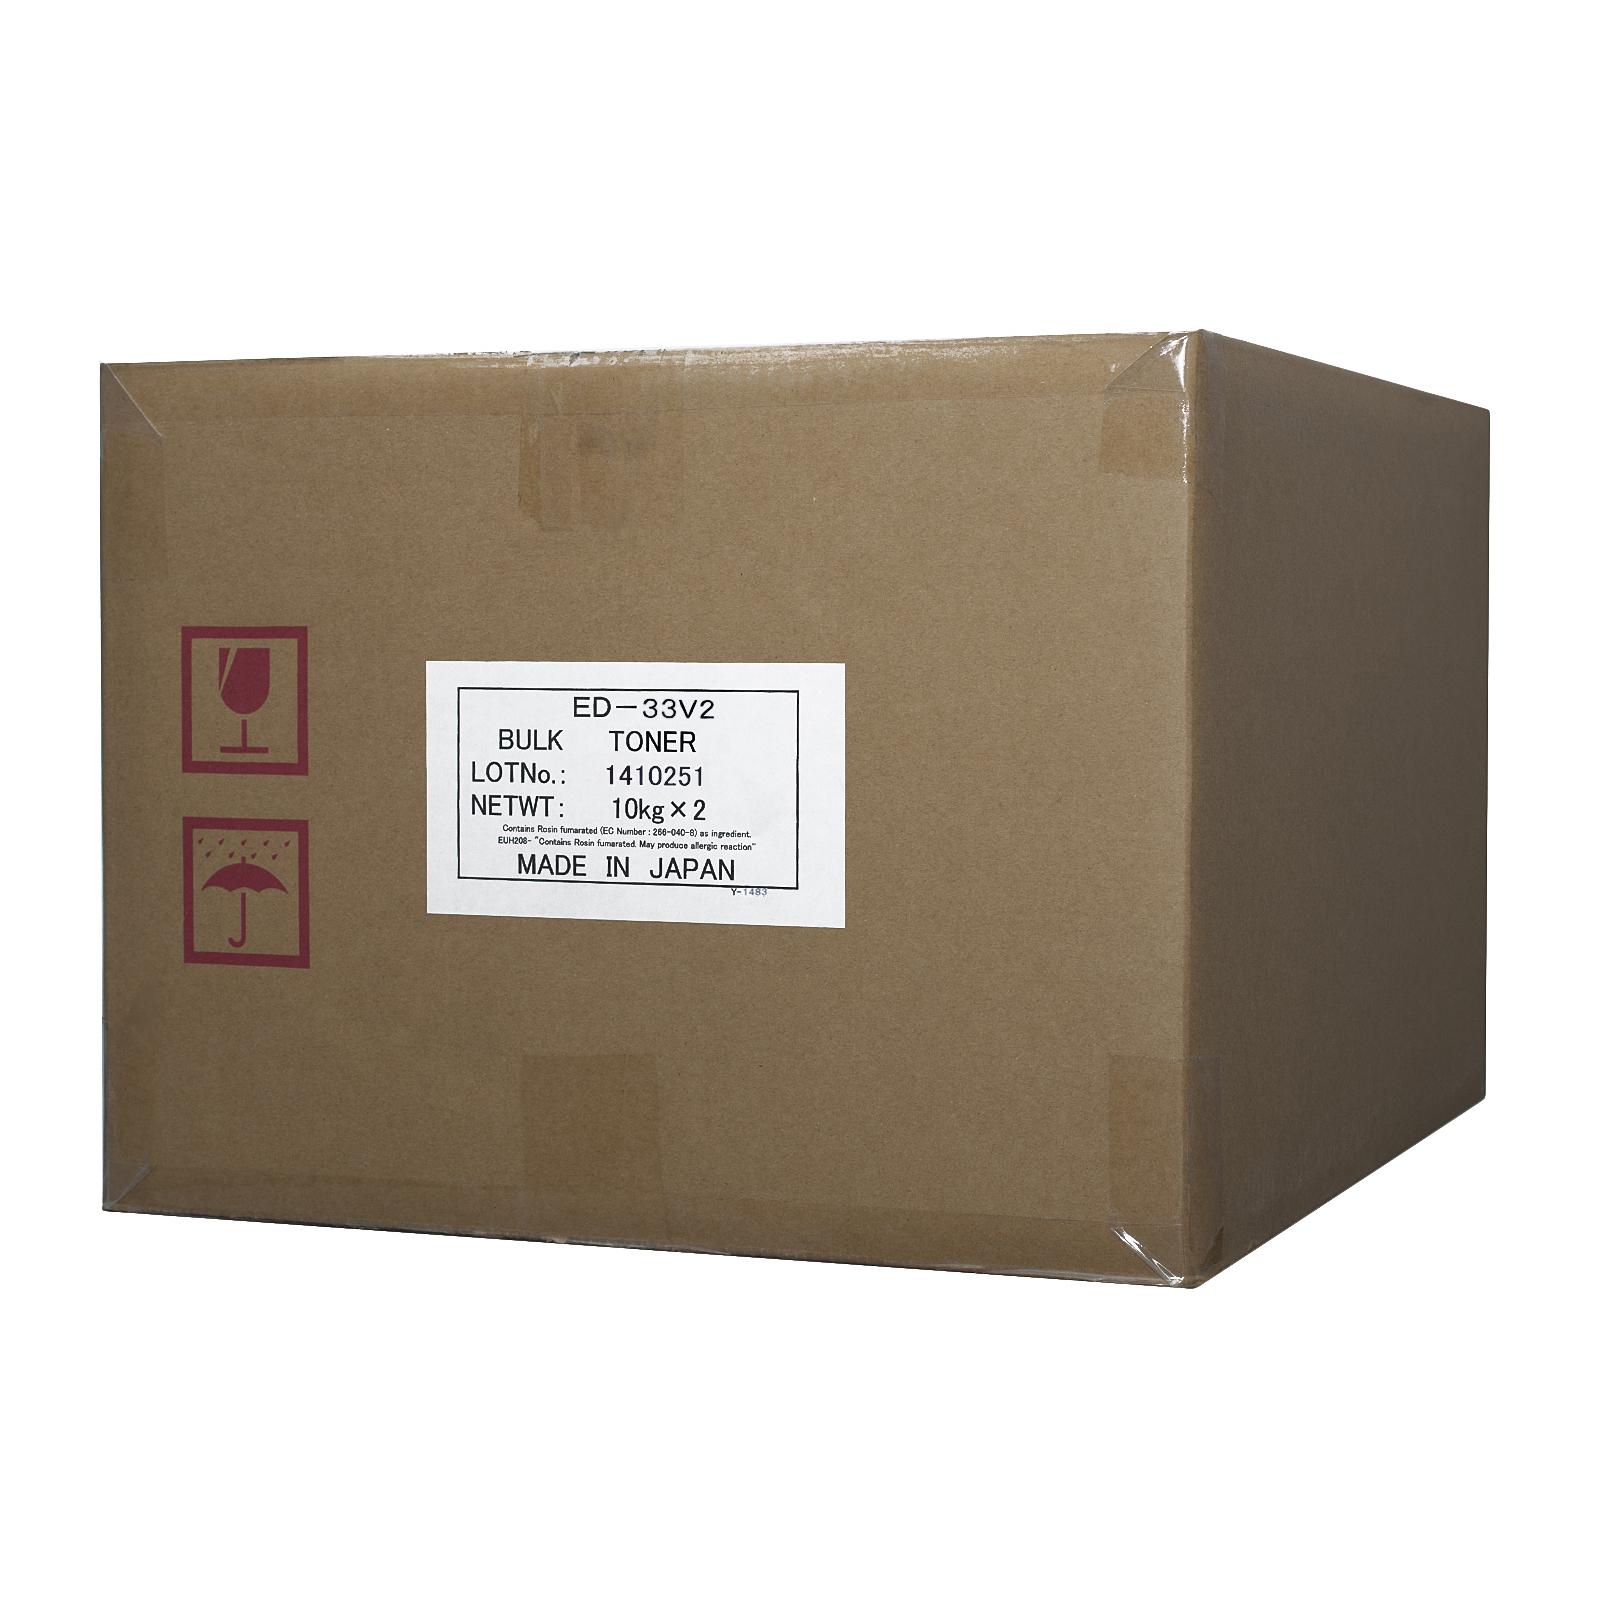 Тонер KYOCERA TK-310/TK-350 2x10кг Tomoegawa (TSM-ED-33V2-20)